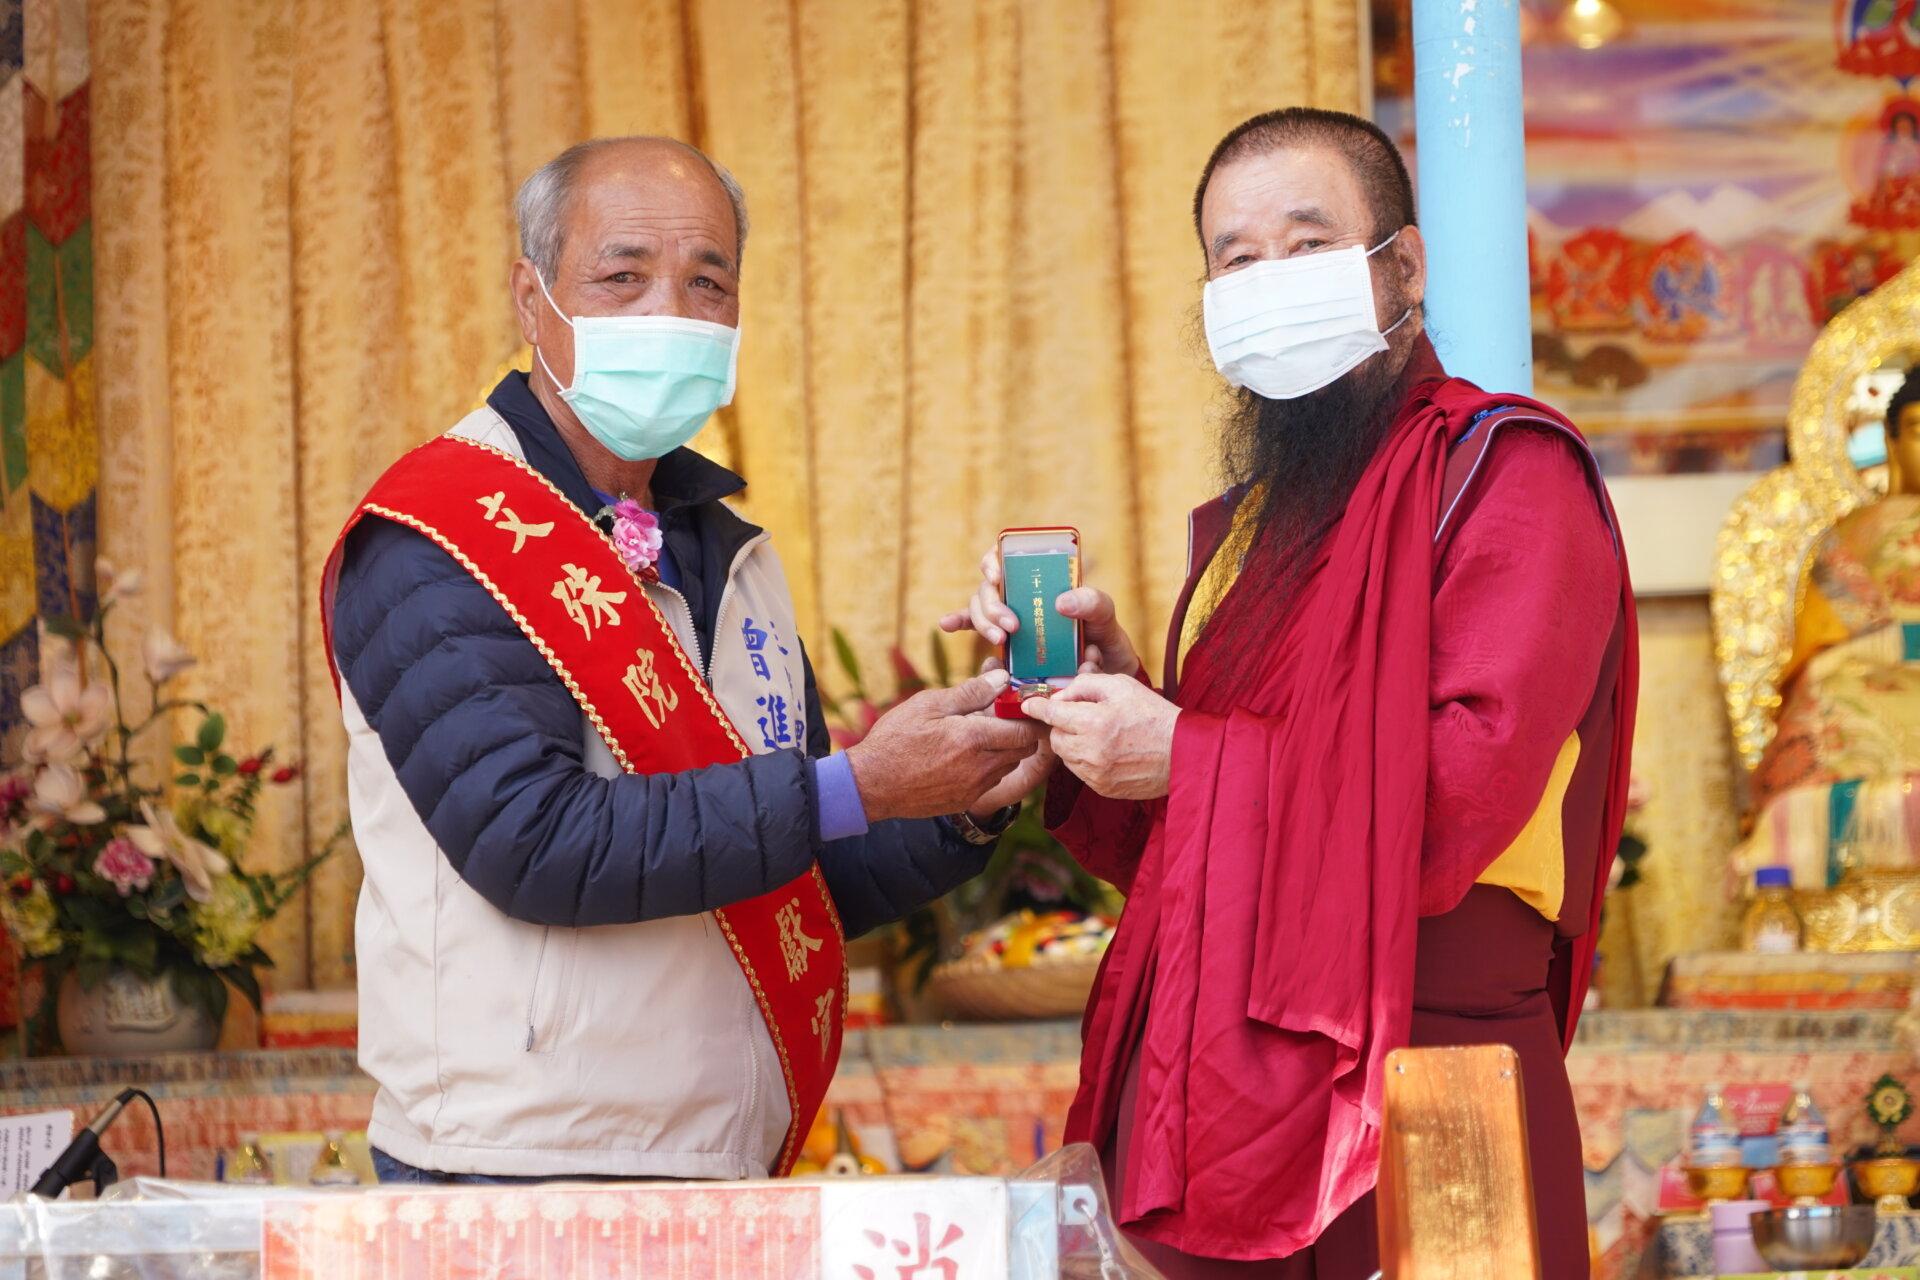 行動佛殿121站台南北門,本會指導金剛上師恆性嘉措仁波且致贈貴賓加持物